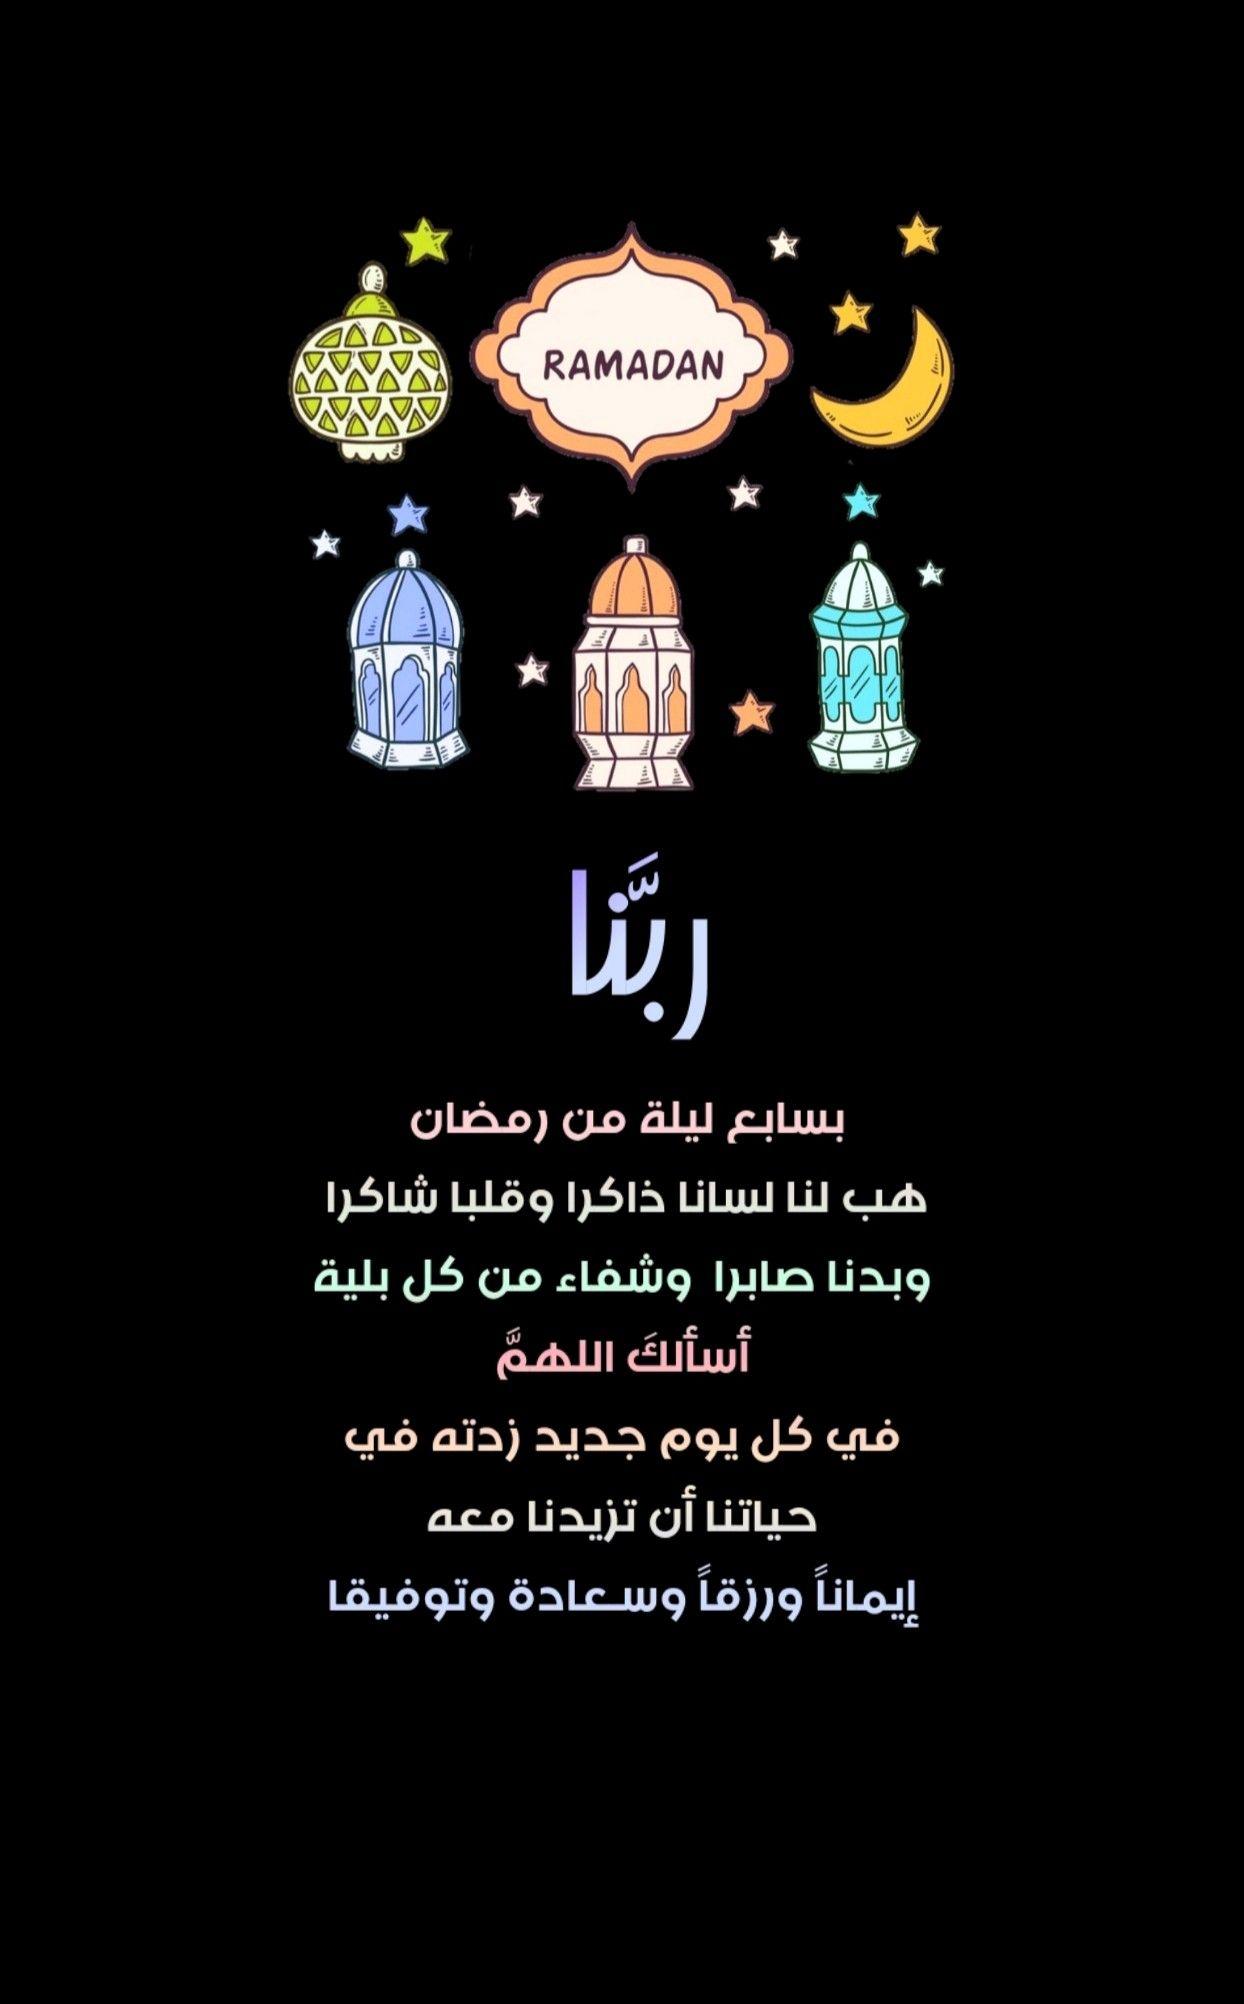 رب نا بسابع ليلة من رمضان هب لنا لسانا ذاكرا وقلبا شاكرا وبدنا صابرا وشفاء من كل بلية أسألك اللهم في كل يوم Ramadan Ramadan Greetings Ramadan Kareem